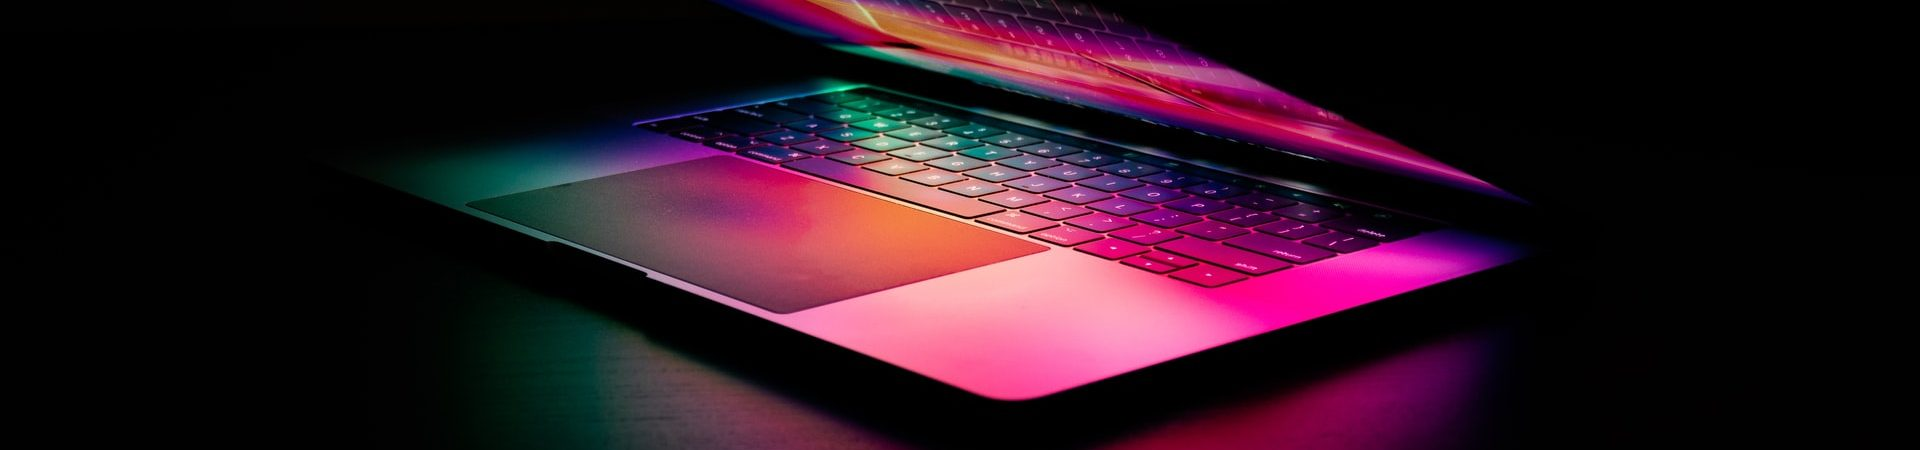 Novos MacBook Pro podem compartilhar tela de mini-Led de 120Hz do iPad Pro. Imagem: Martin Sanchez/Unsplash